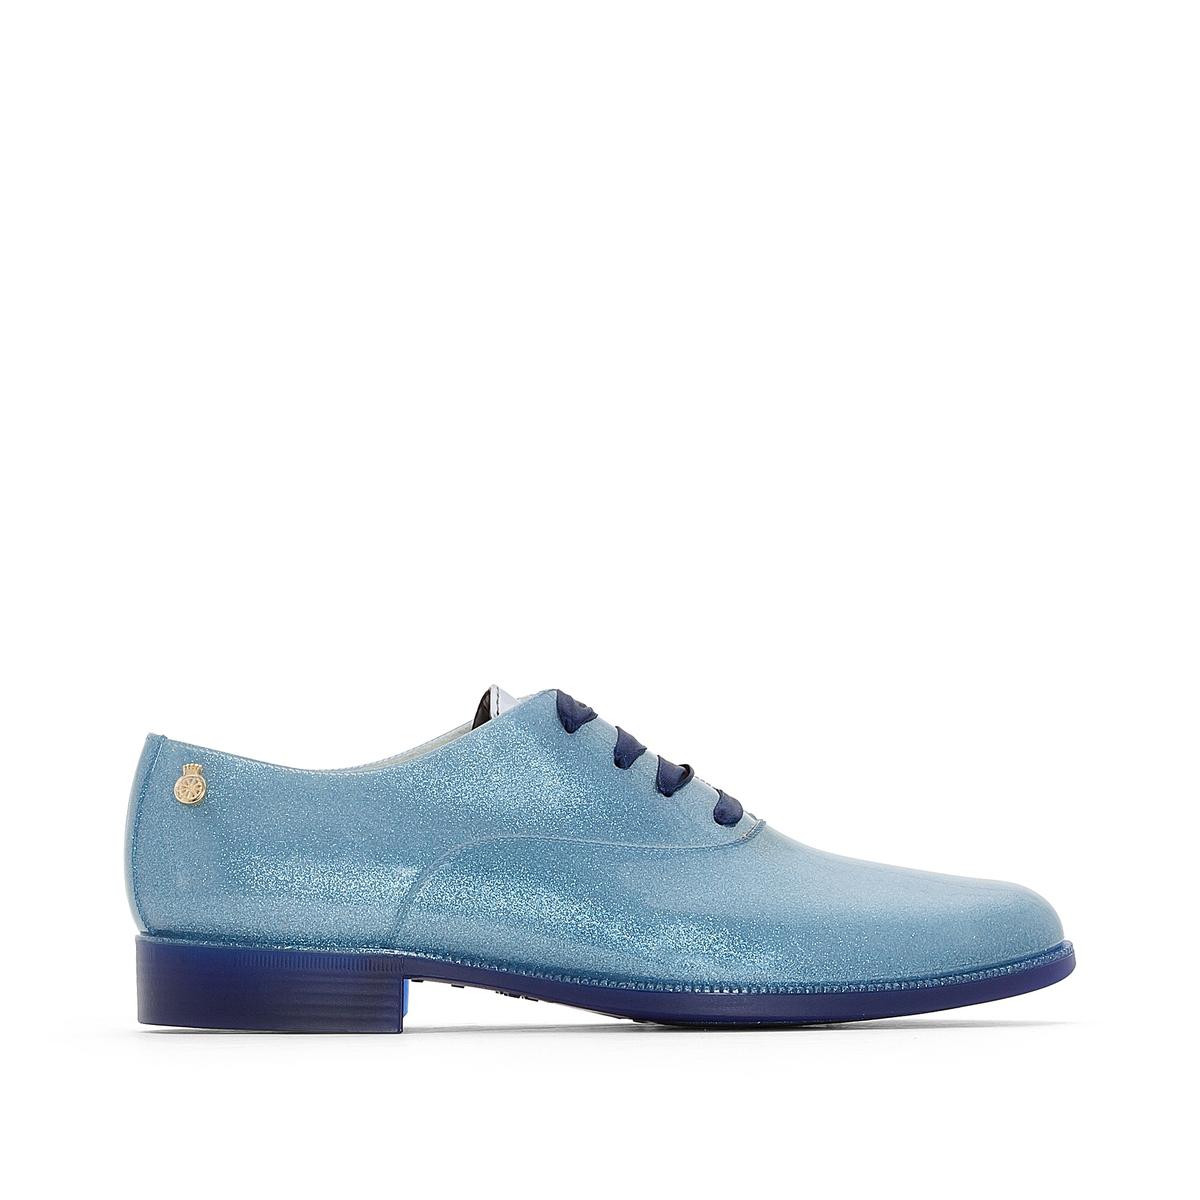 Ботинки-дерби непромокаемые Sparkle